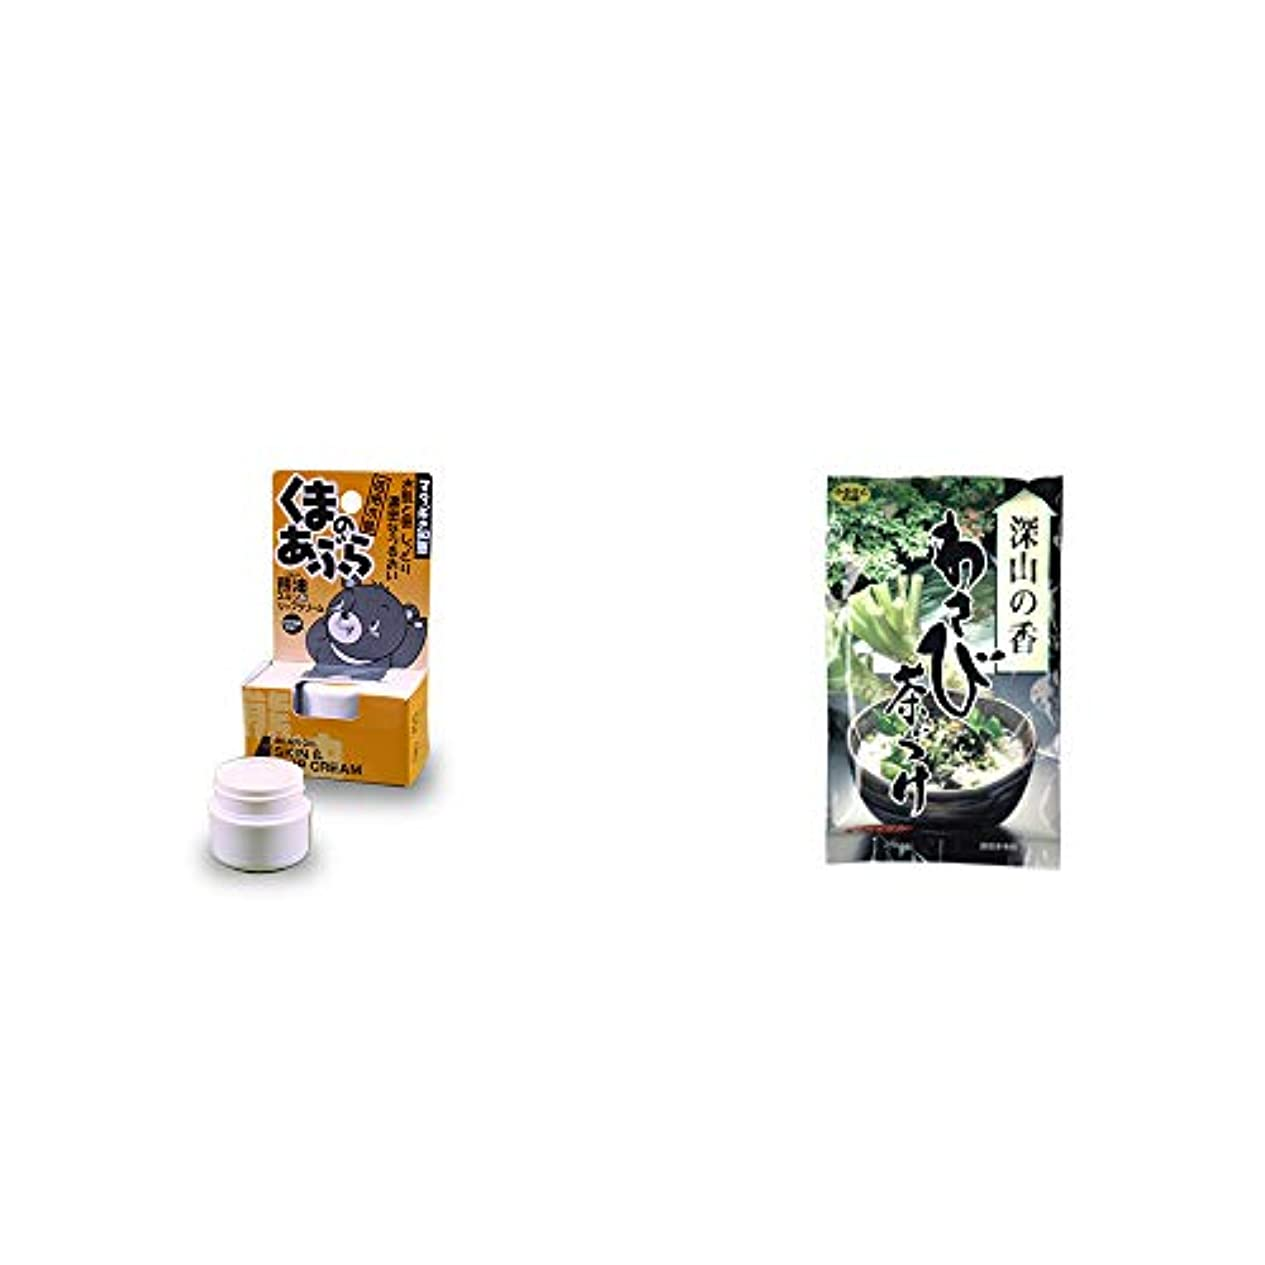 トランジスタ特別なマニアック[2点セット] 信州木曽 くまのあぶら 熊油スキン&リップクリーム(9g)?特選茶漬け 深山の香 わさび茶づけ(10袋入)